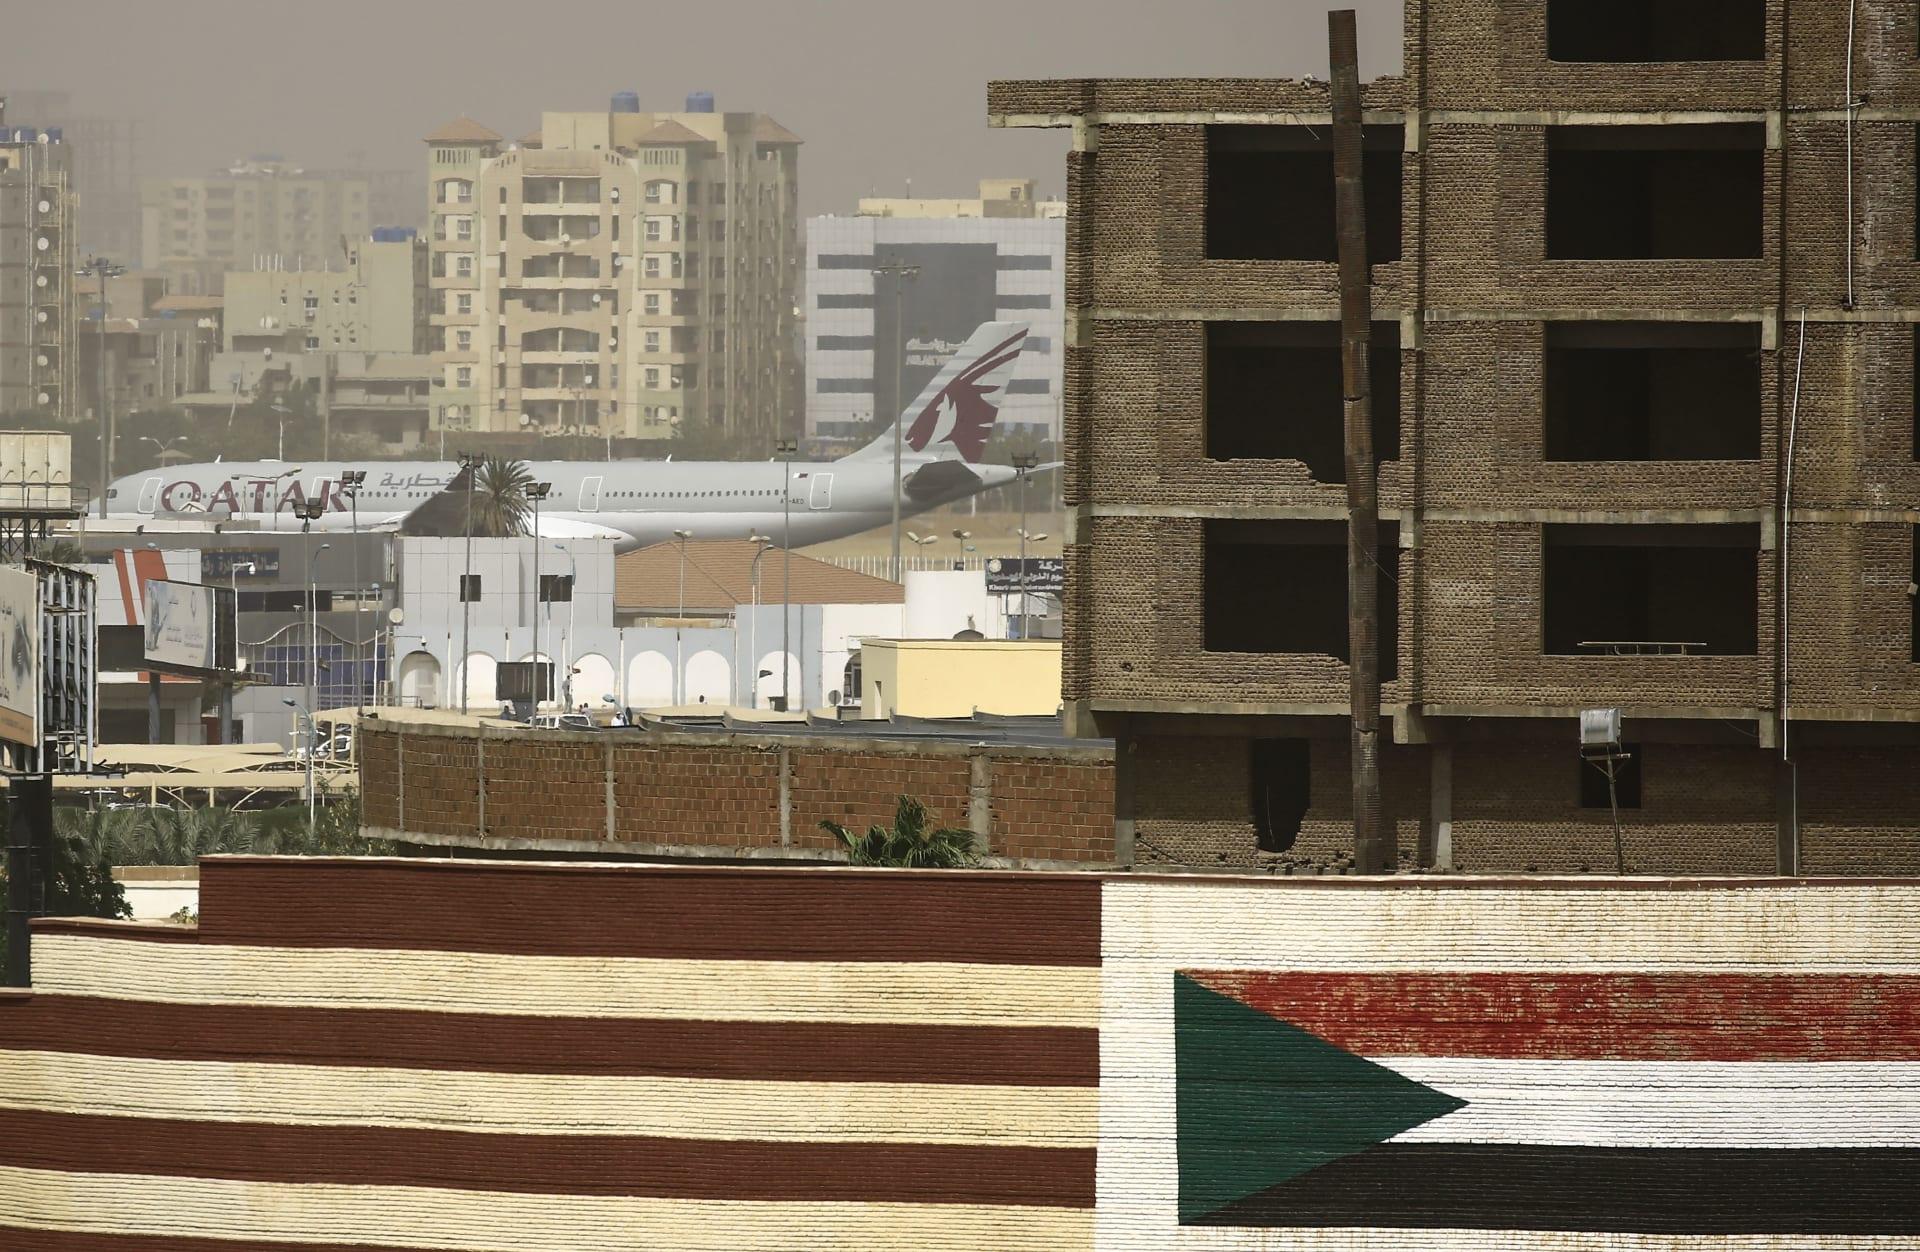 بعد النفي القطري.. السودان يؤكد استدعاء سفيره لدى الدوحة ويكشف الغرض من الخطوة